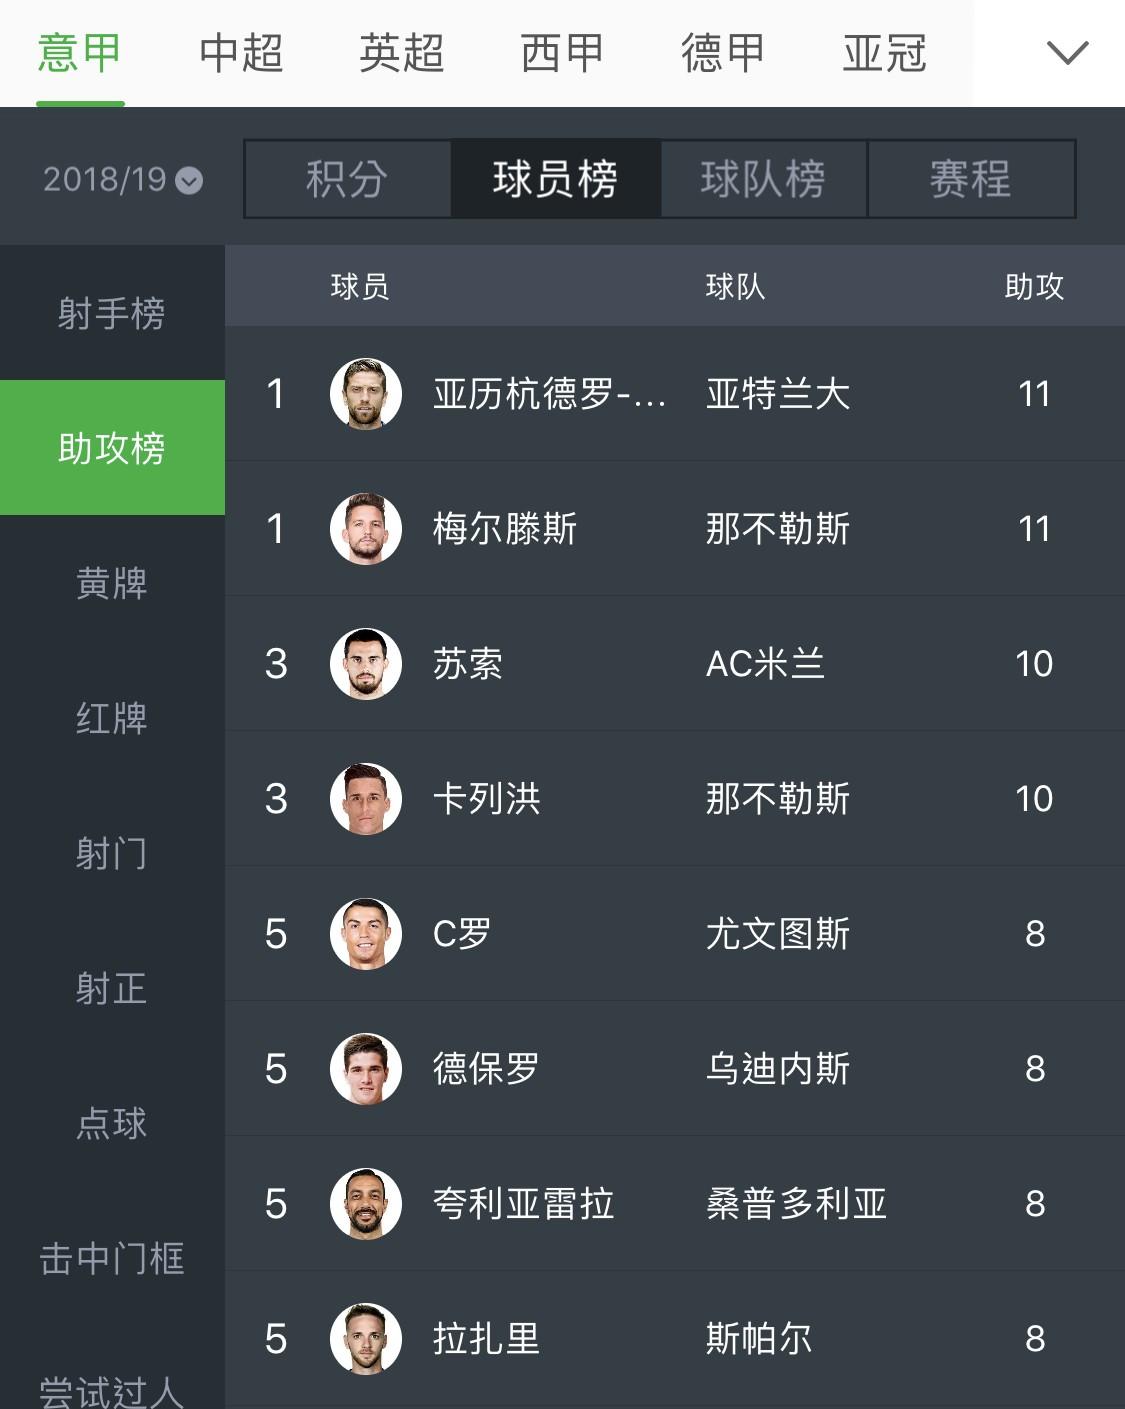 夸利亚雷拉打进26球获得本赛季意甲金靴,C罗21球排第四